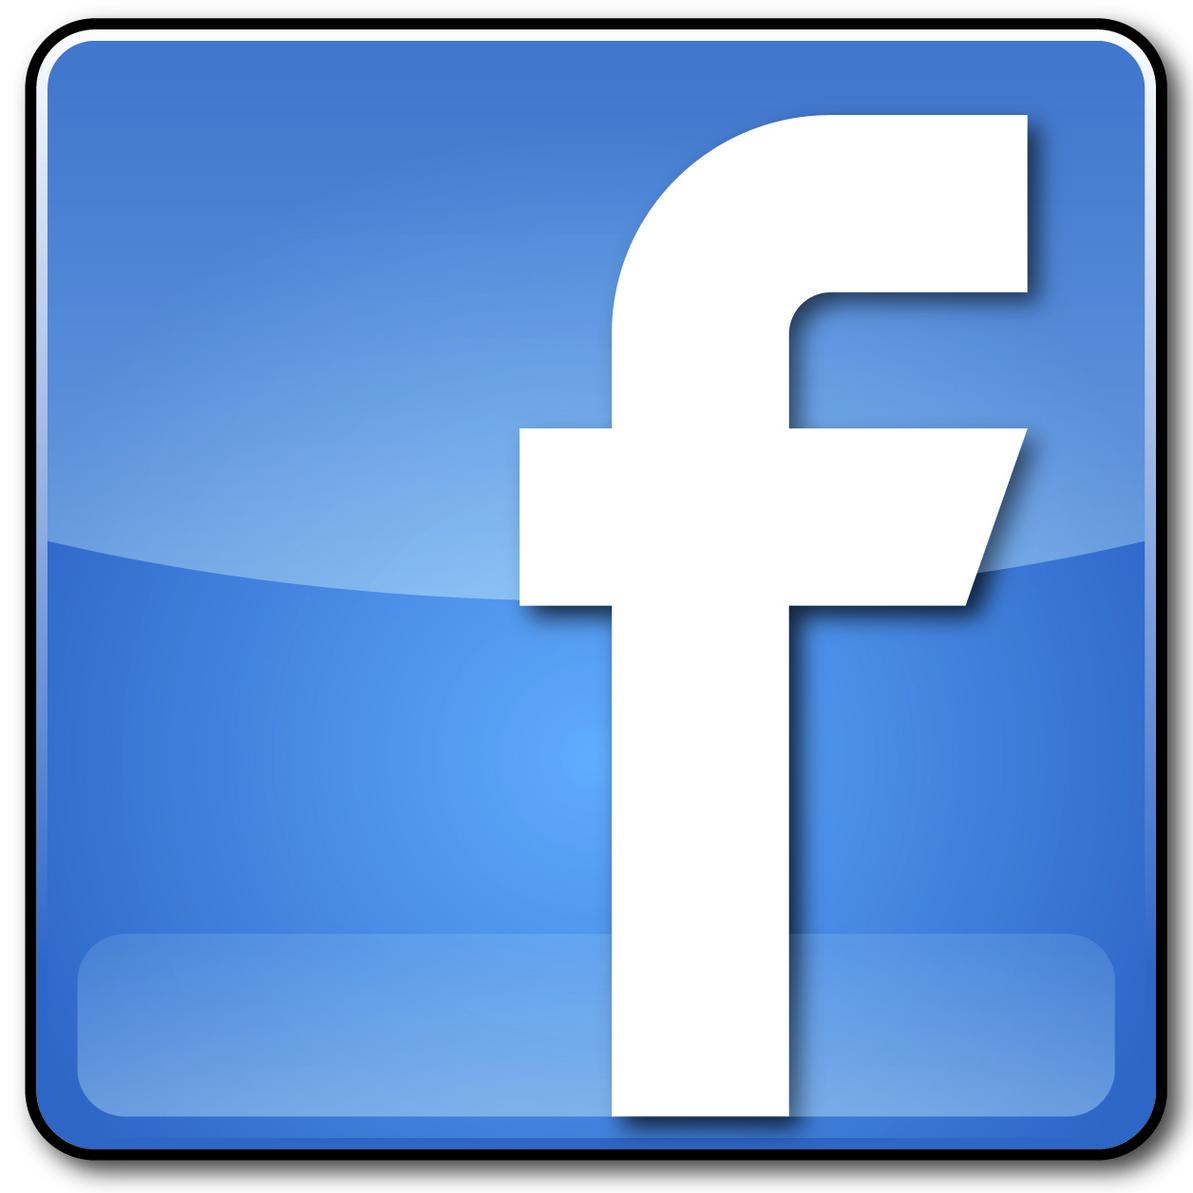 1193x1193 Facebook Clip Art Vector Facebook Graphics Clipart Me Clipartix 2